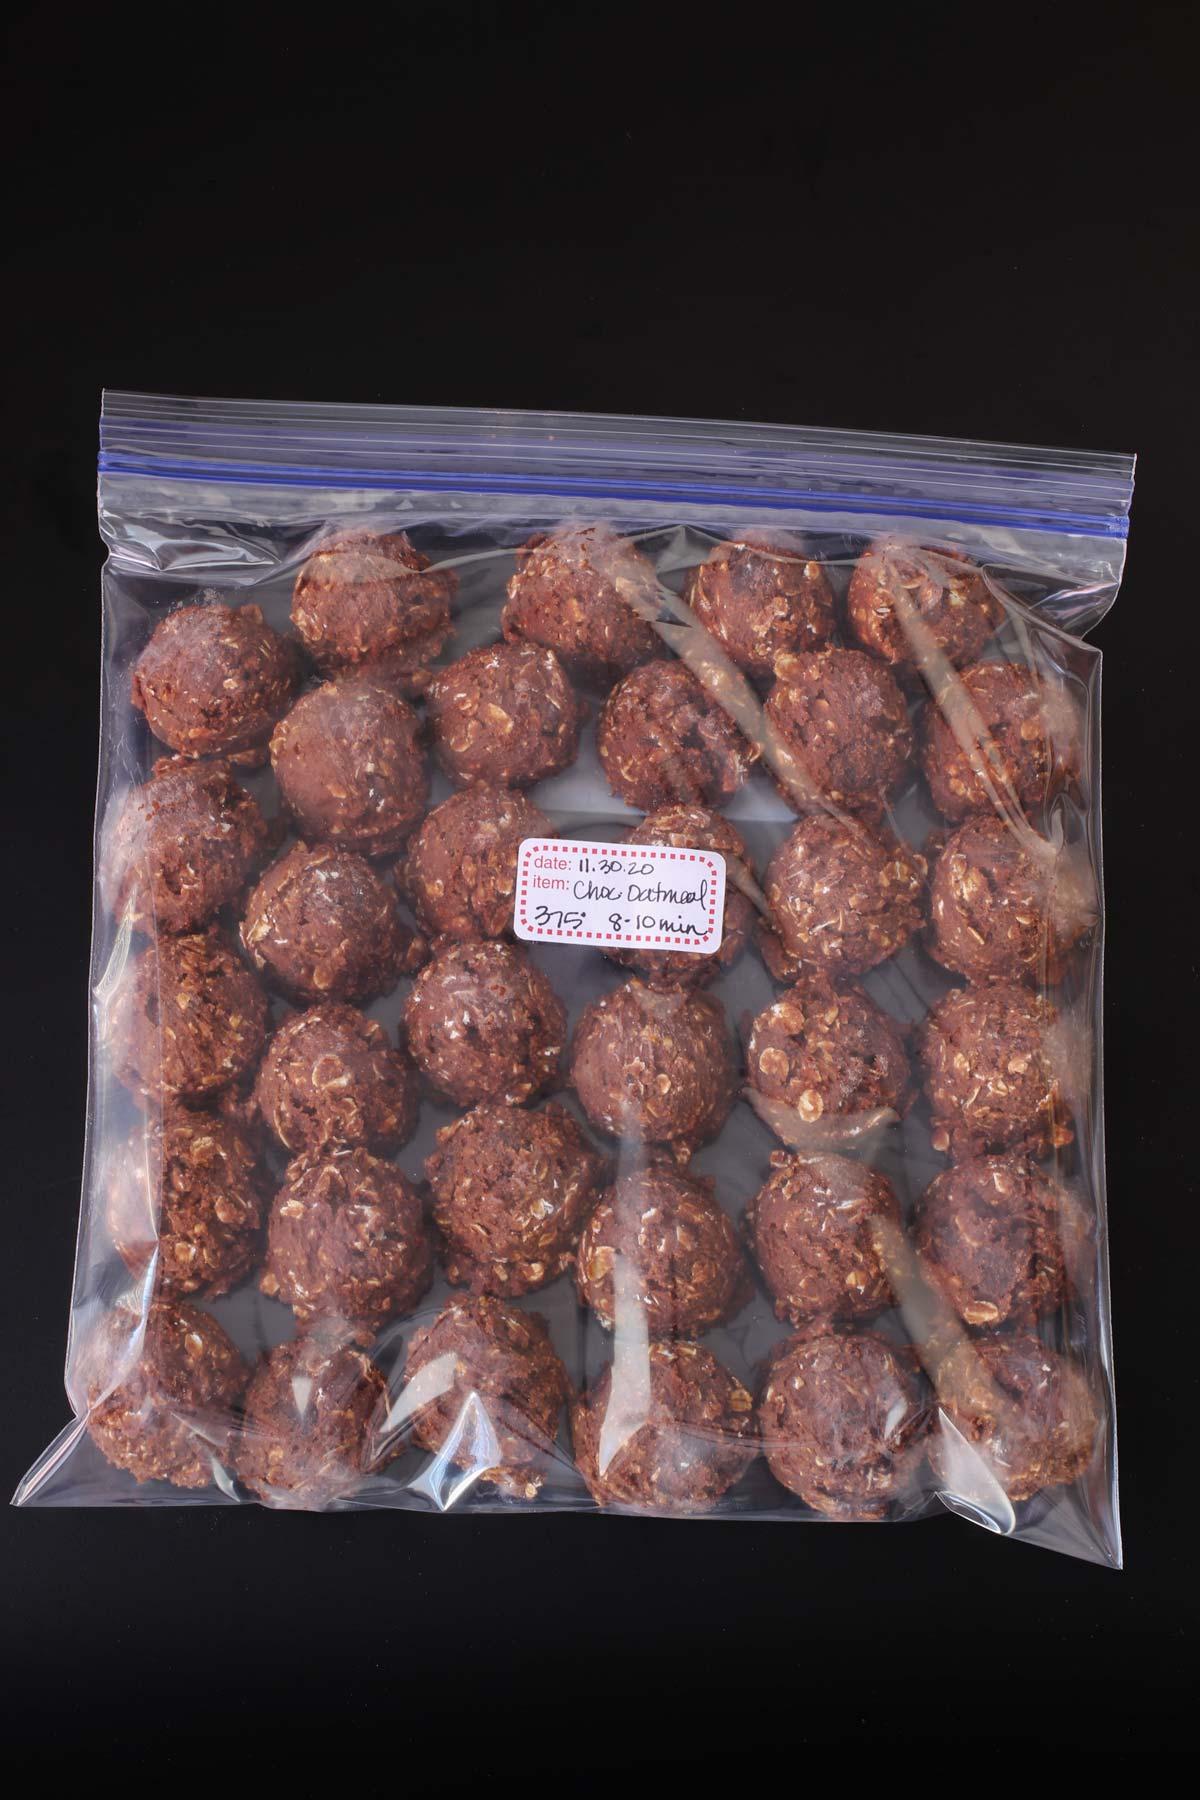 frozen cookie dough balls in a ziptop freezer bag.